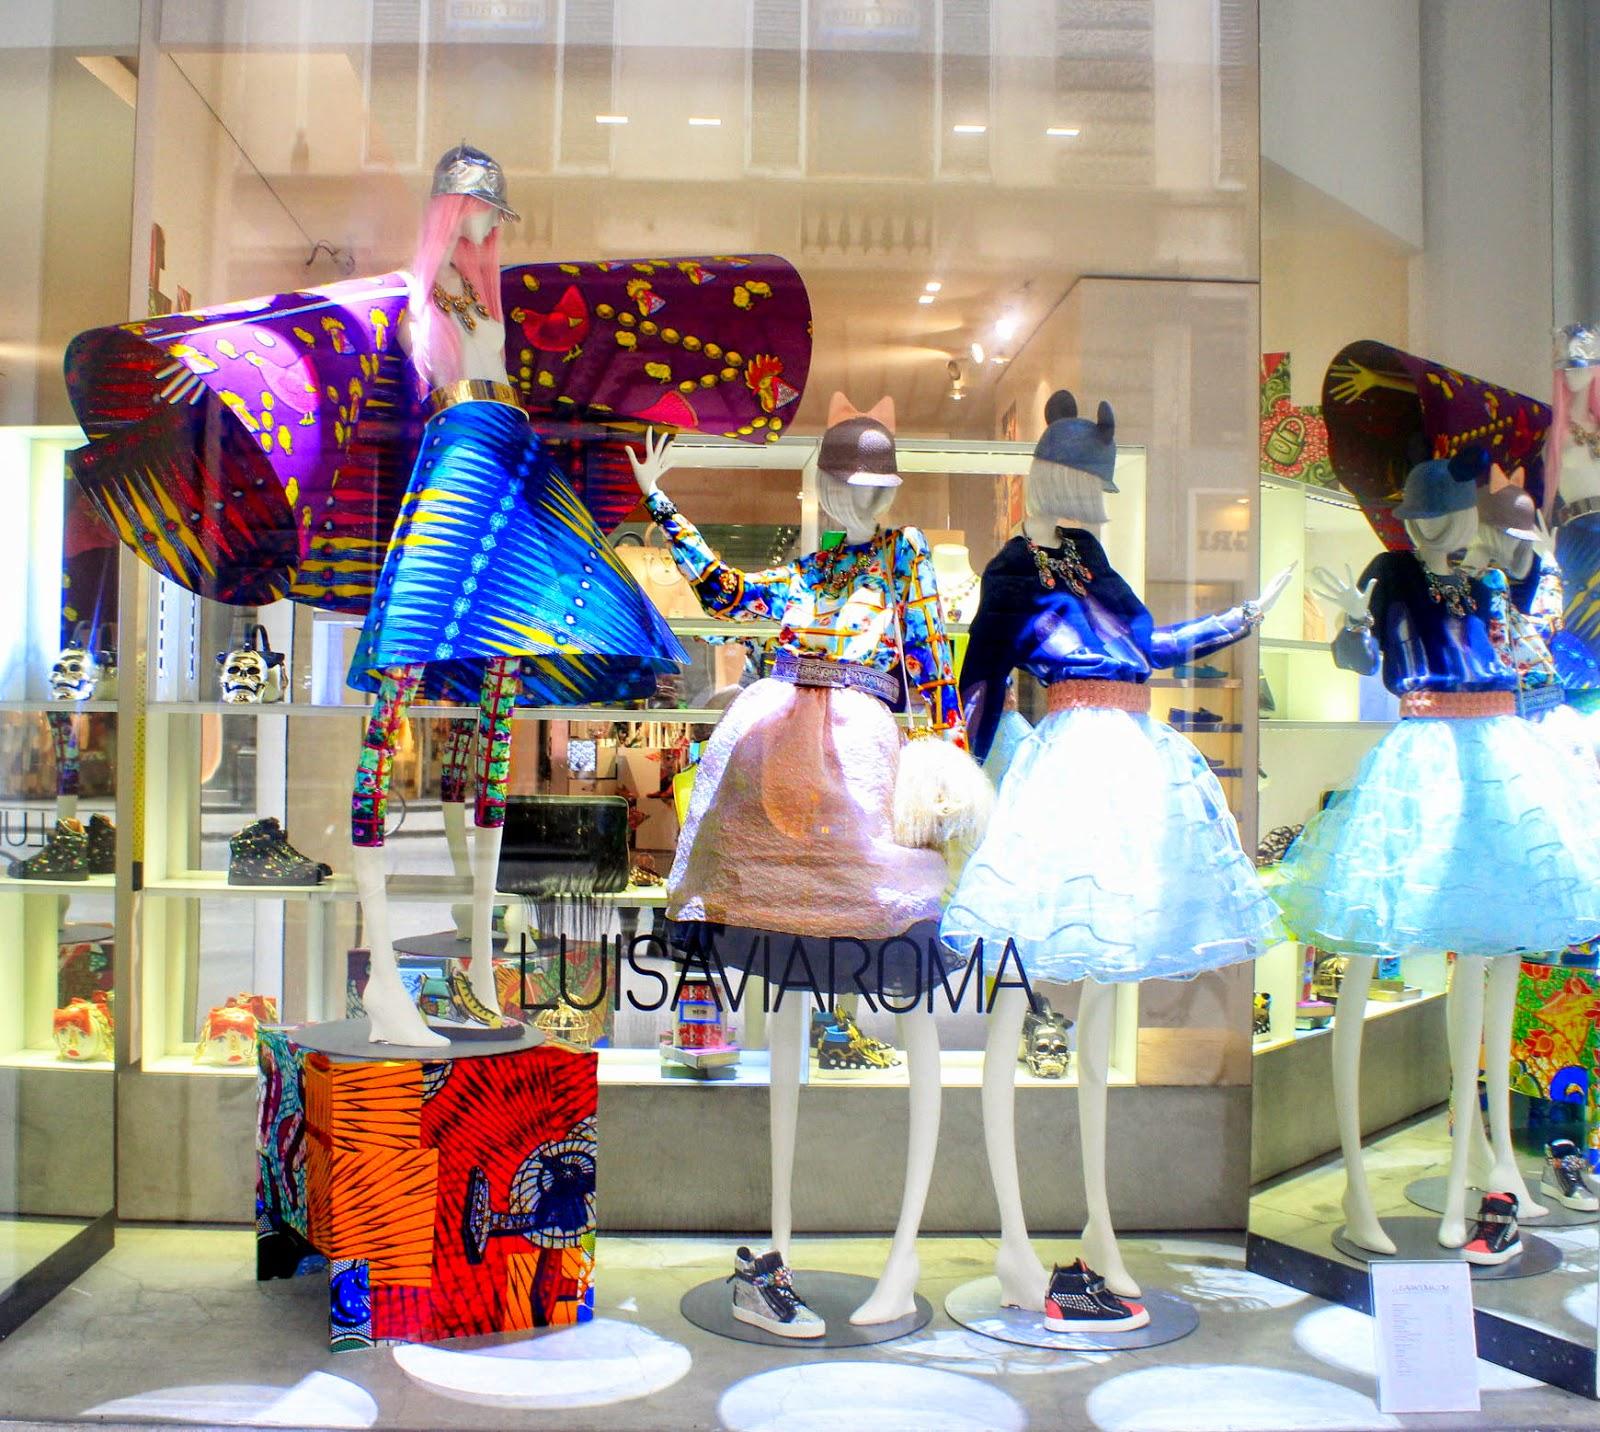 La moda nella citt del rinascimento firenze novembre 2015 for Luisa di via roma